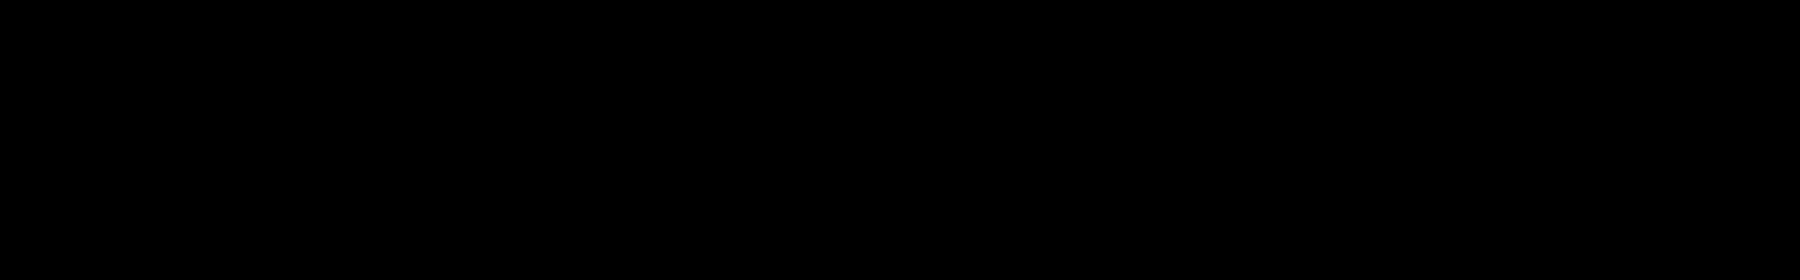 V.I.P Trap audio waveform